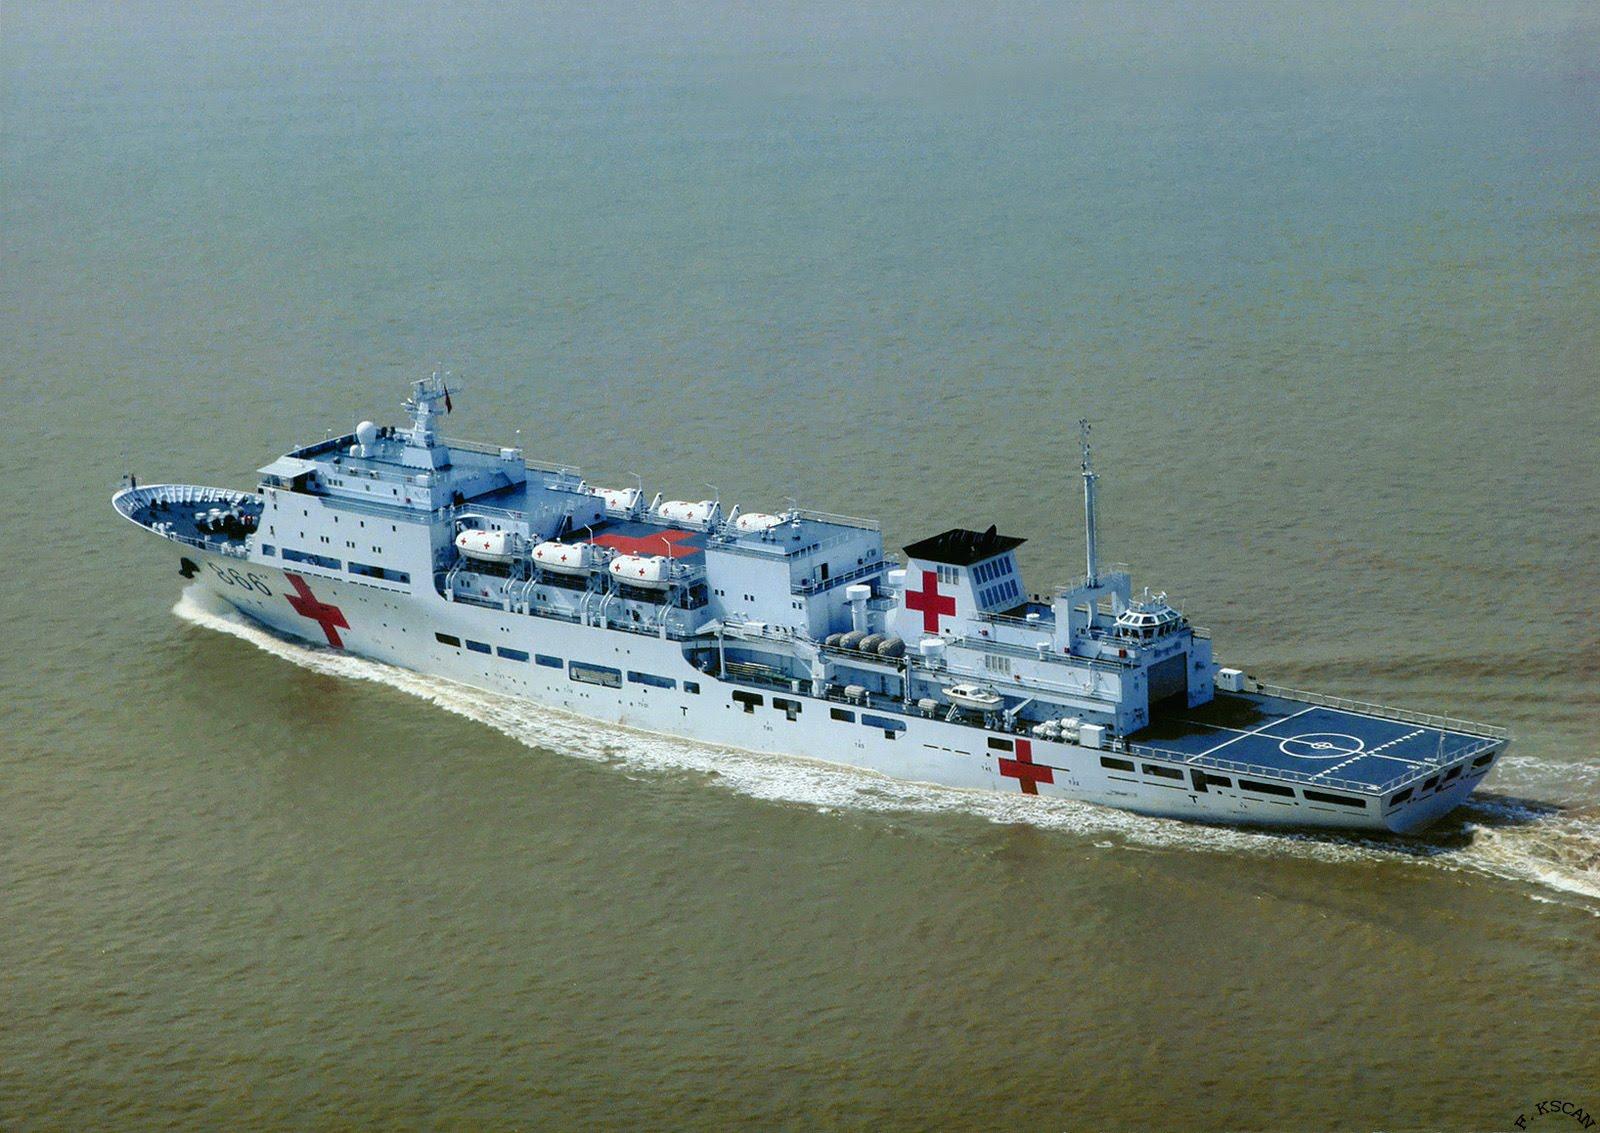 China's Peace Ark hospital ship